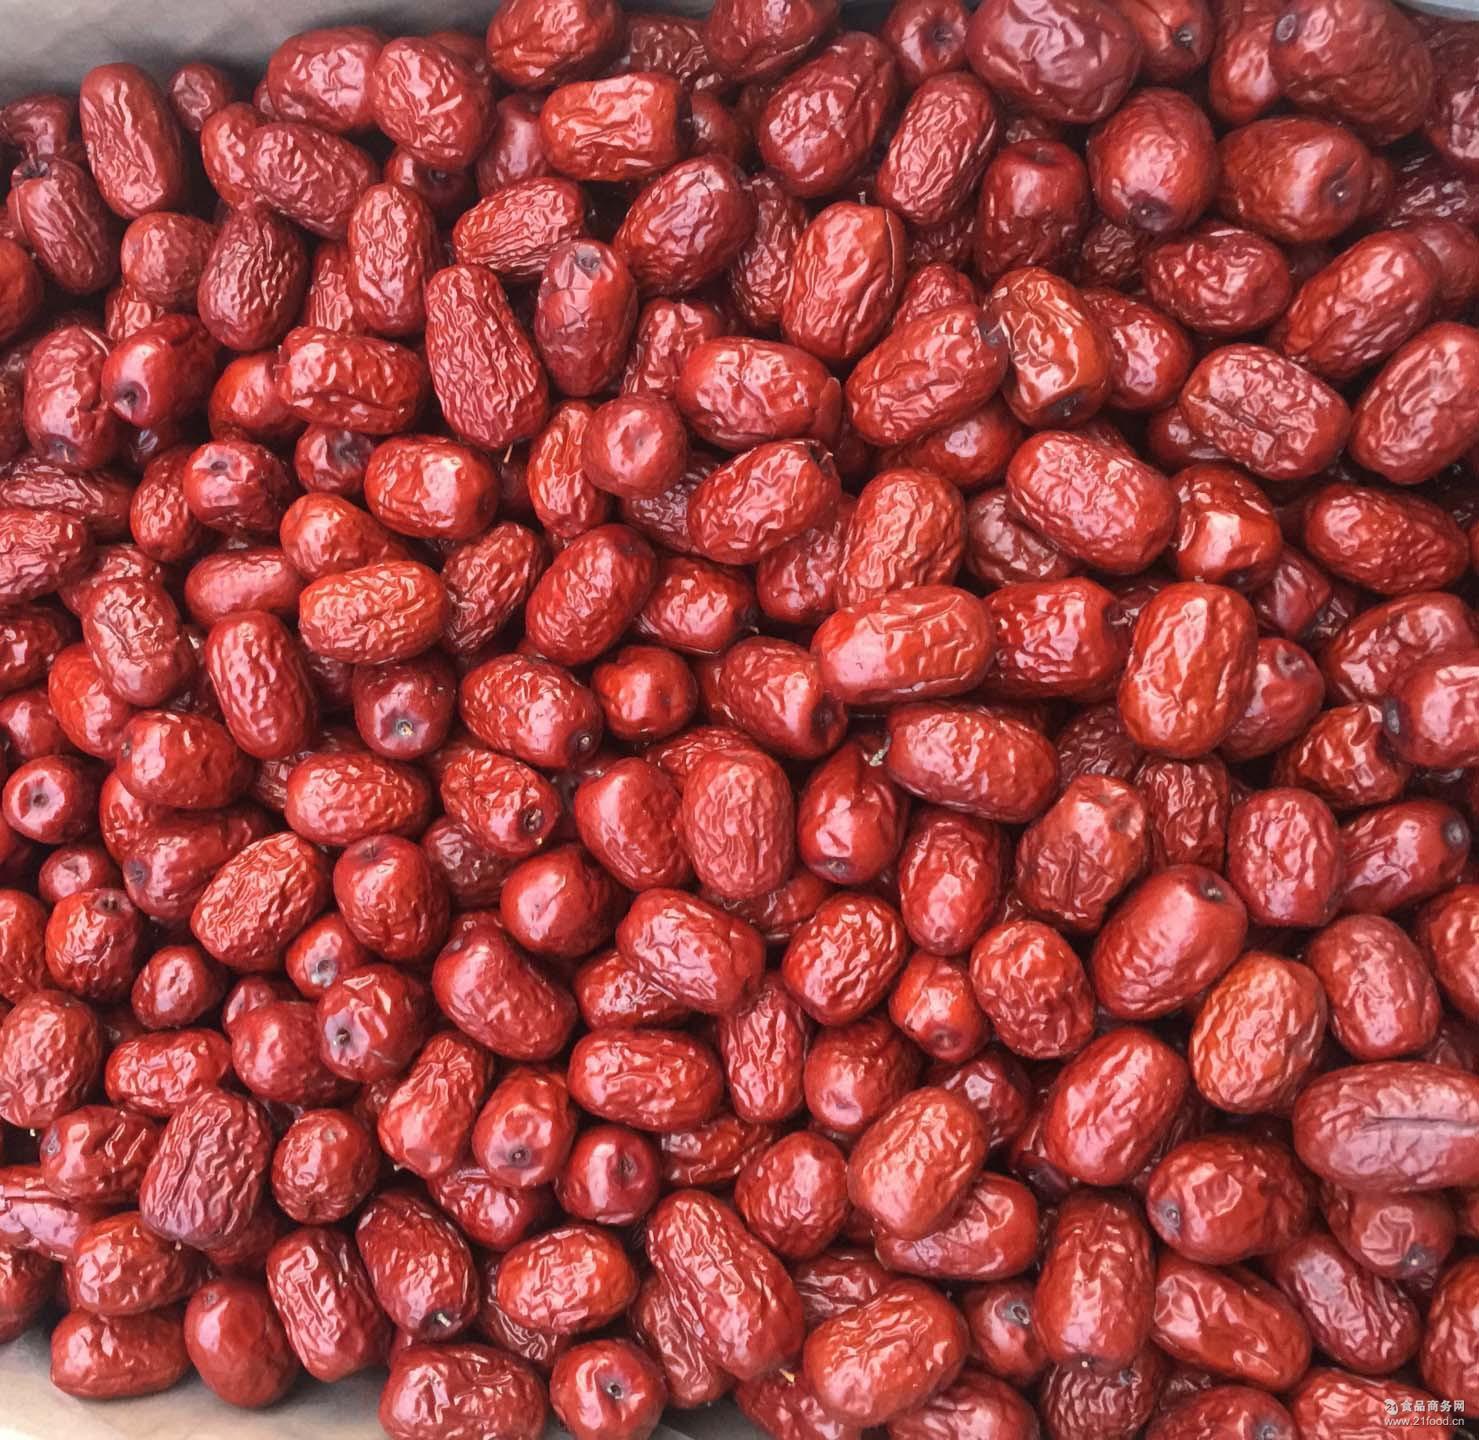 二级灰枣 新疆特产若羌一级红枣免洗枣 零售批发* 500g/袋